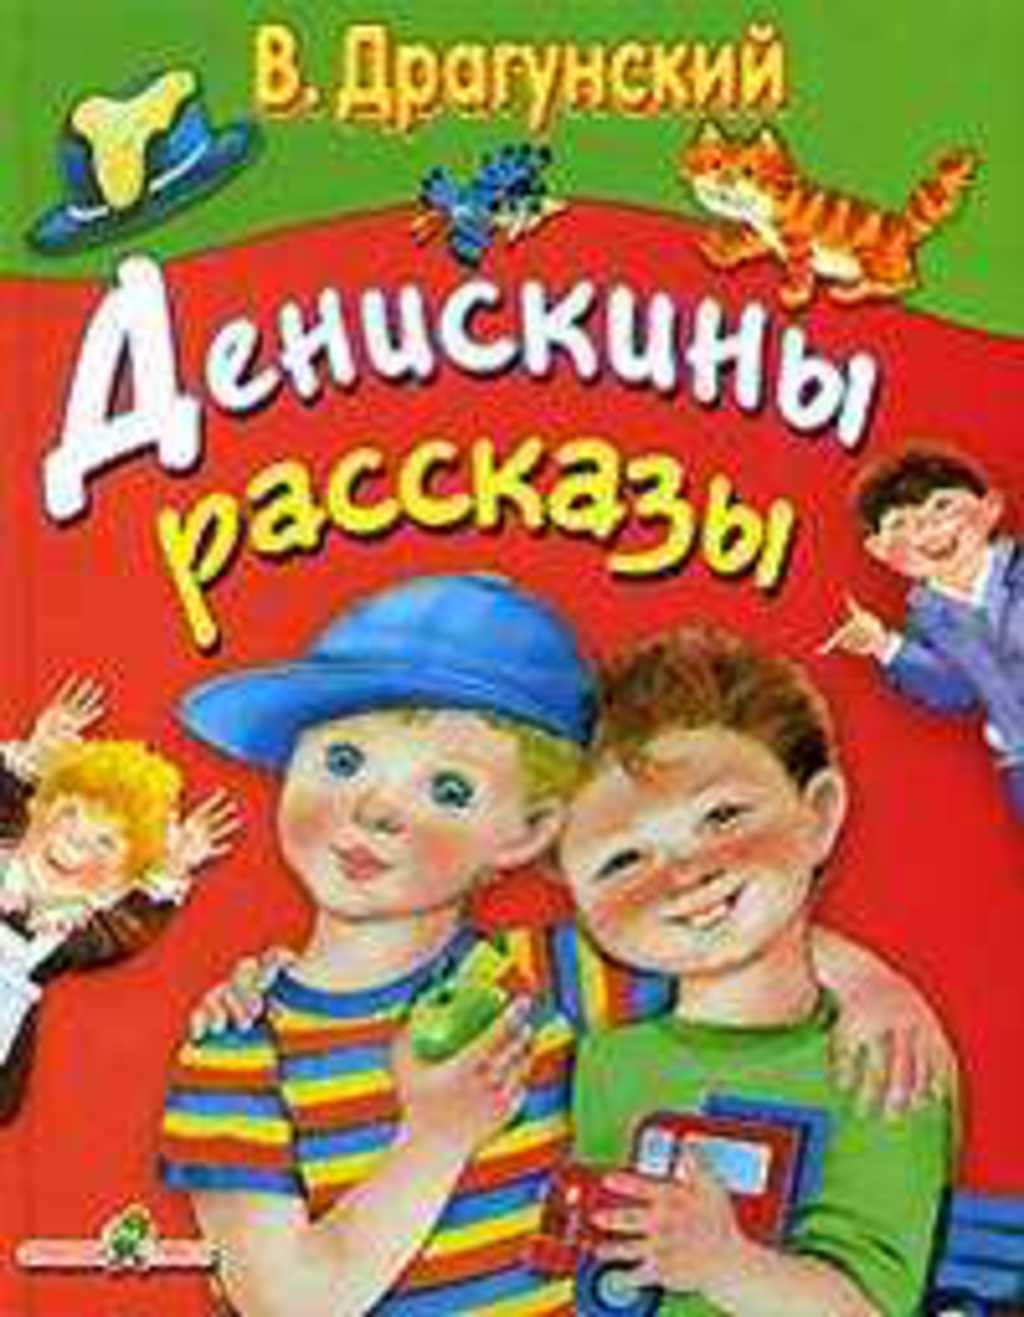 Рассказы в драгунскава 5 фотография